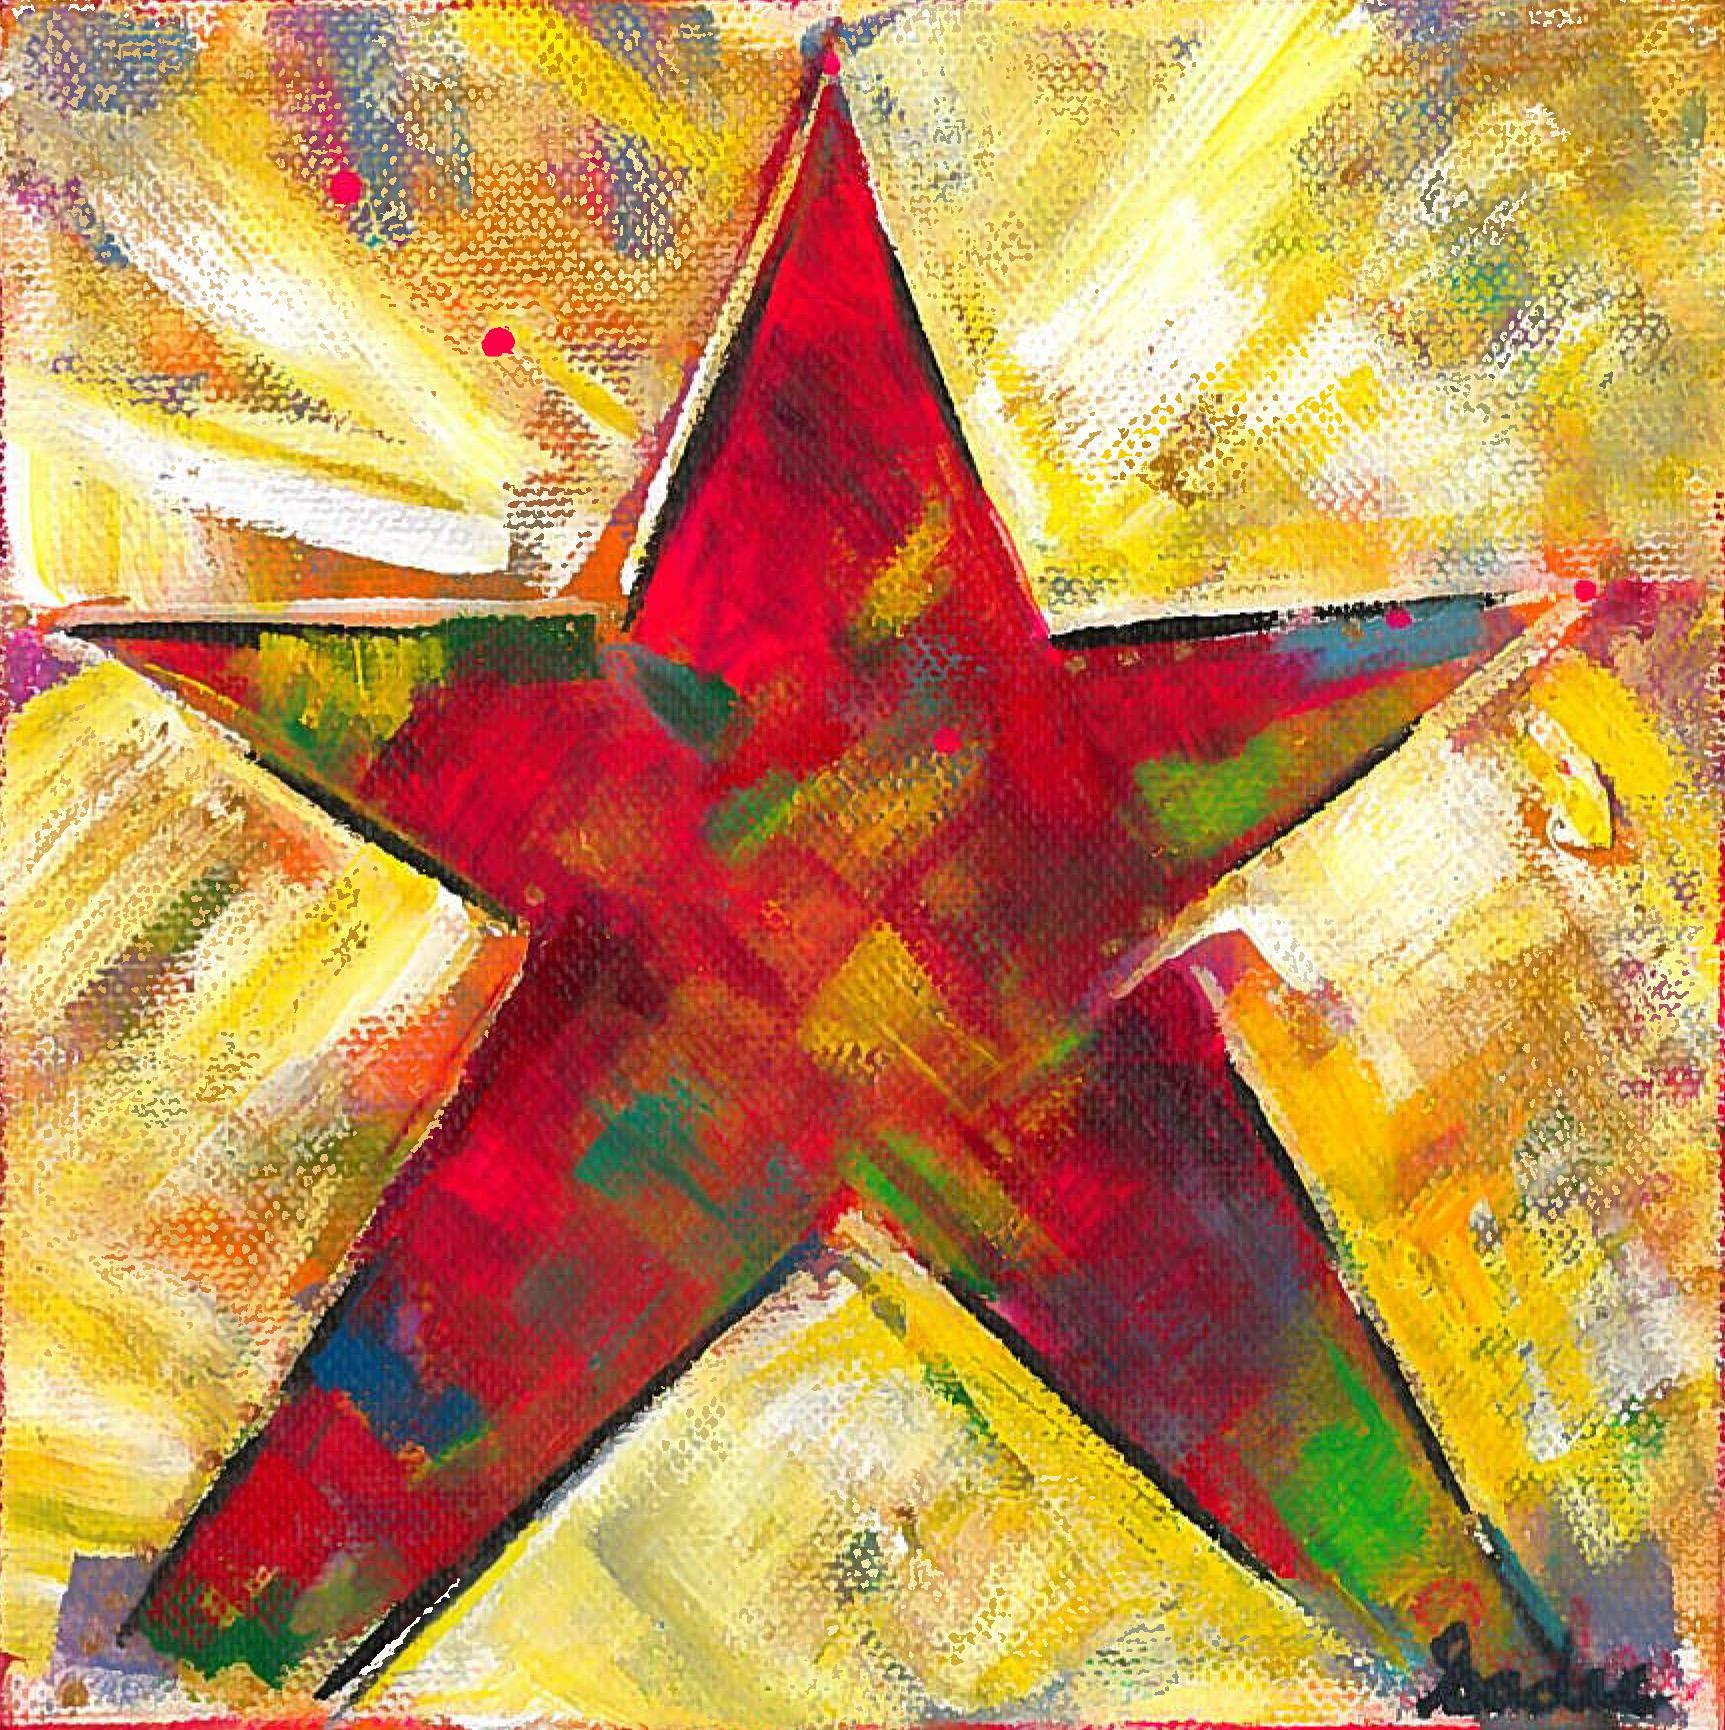 Rainbow Star  Acrylic on Canvas 6 x 6 in.